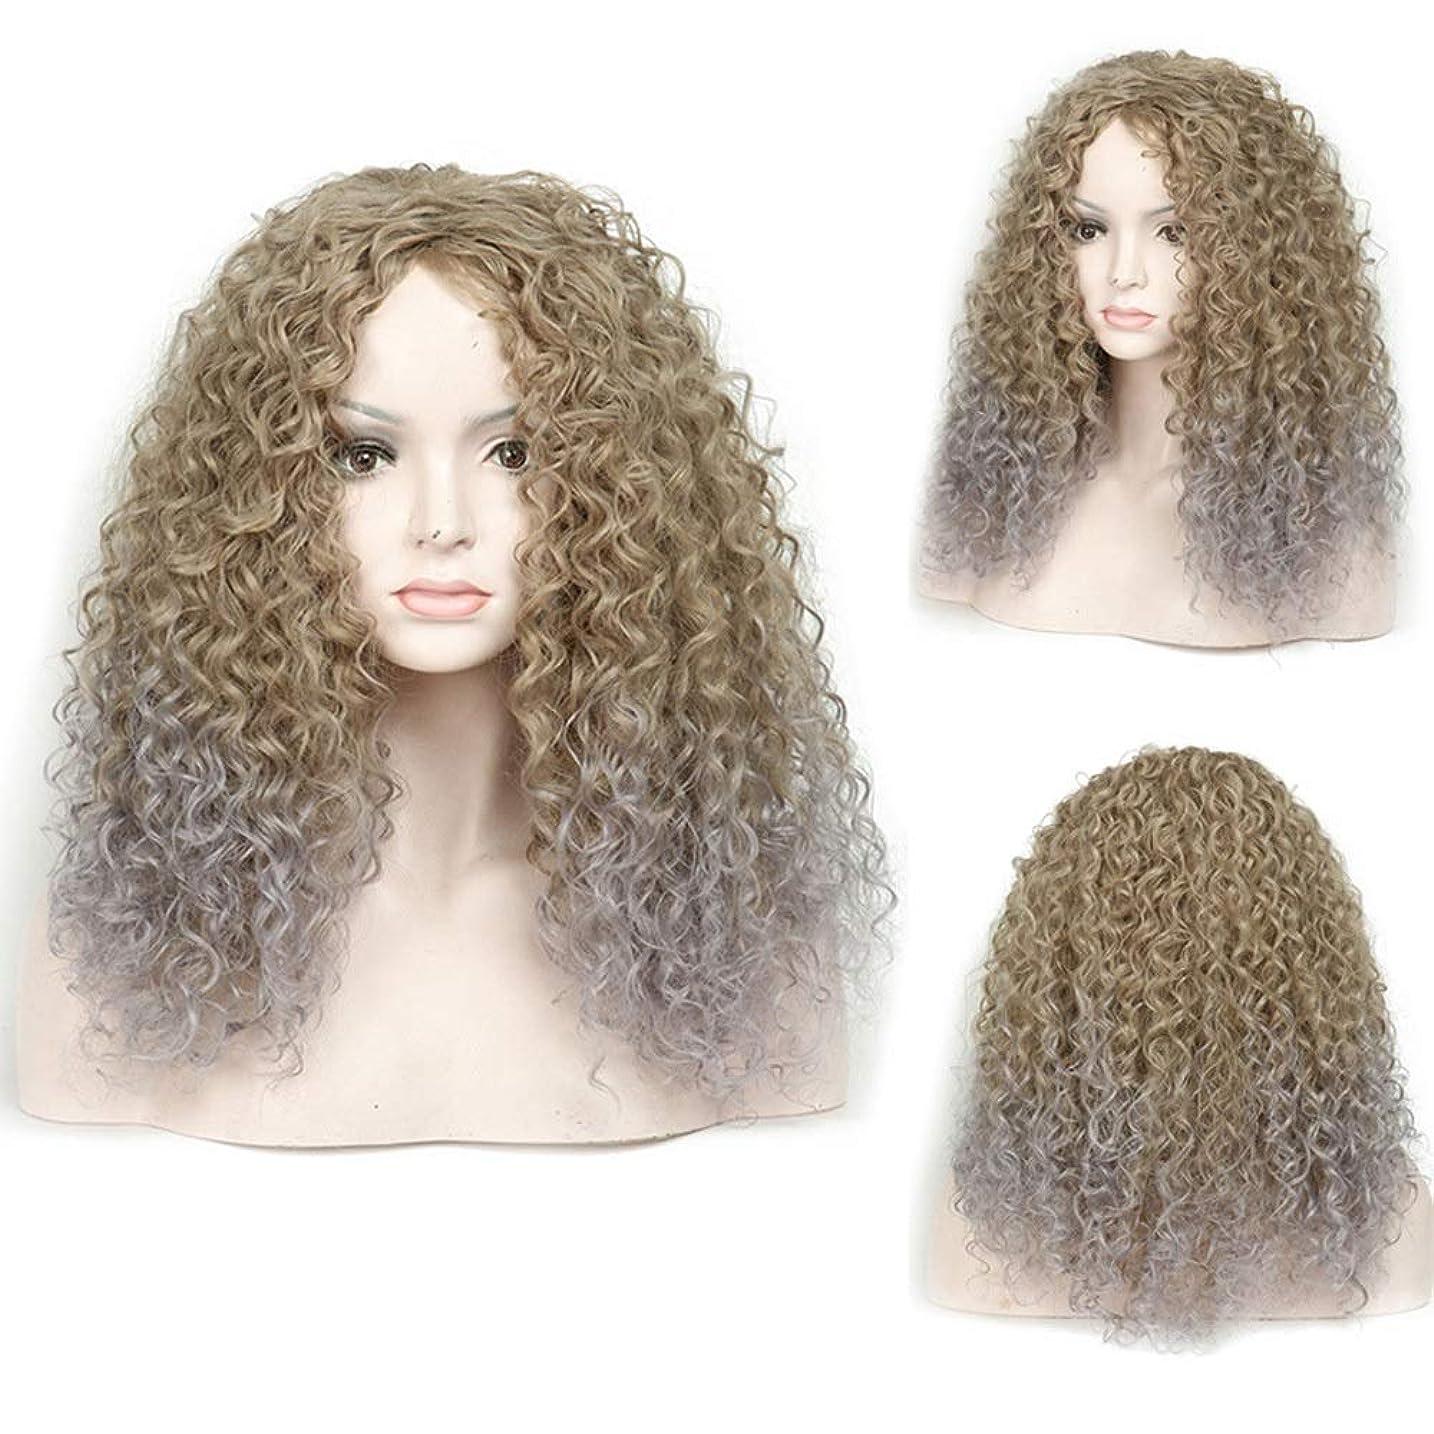 嫌いストリームクレアBOBIDYEE アフリカの人工毛髪黒グラデーションおばあちゃんグレー長い巻き毛女性の爆発ヘッドコスプレかつらパーティーかつら (Color : グレー)